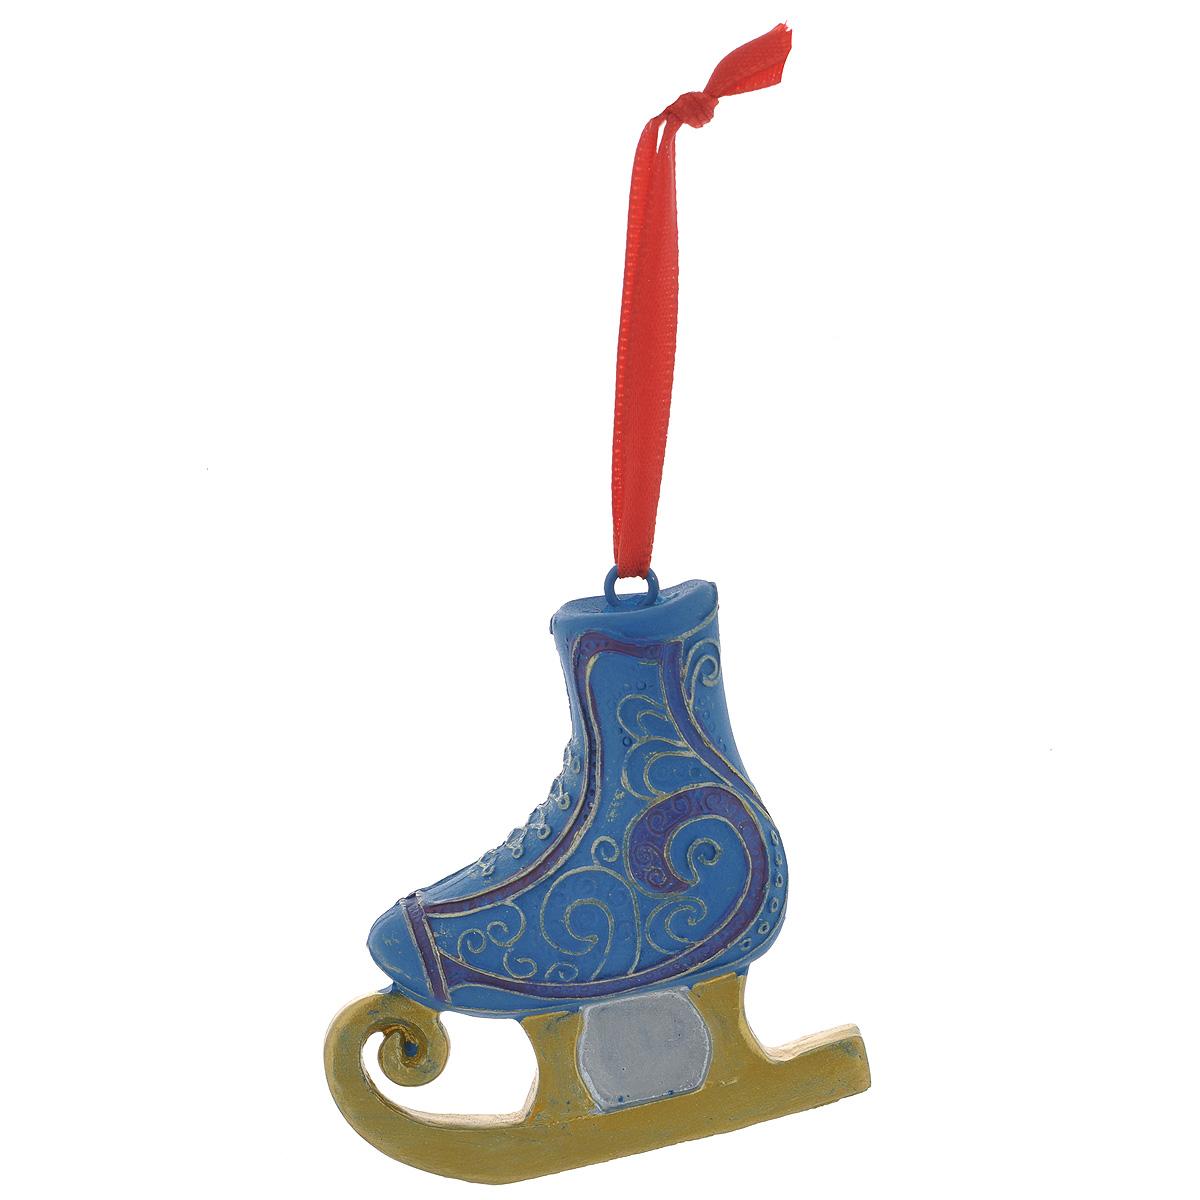 Новогоднее подвесное украшение Феникс-Презент Конек, цвет: синий, золотой. 3459934599Оригинальное новогоднее украшение Феникс-Презент Конек из пластика прекрасно подойдет для праздничного декора дома и новогодней ели. Изделие крепится на елку с помощью металлического зажима.